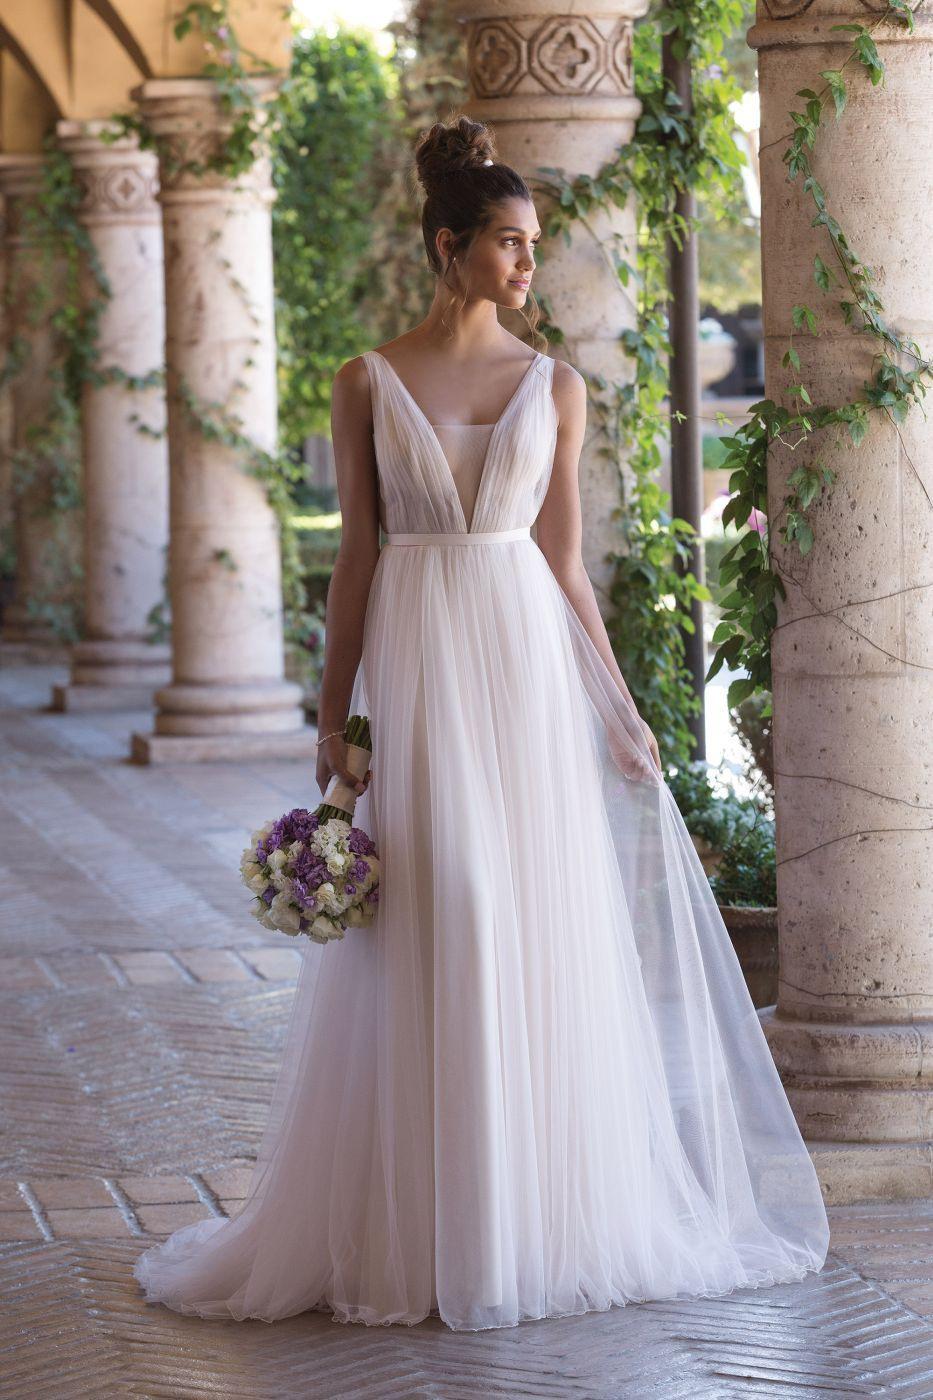 Luftig Leichtes Brautkleid Von Sincerity #boho #vintage